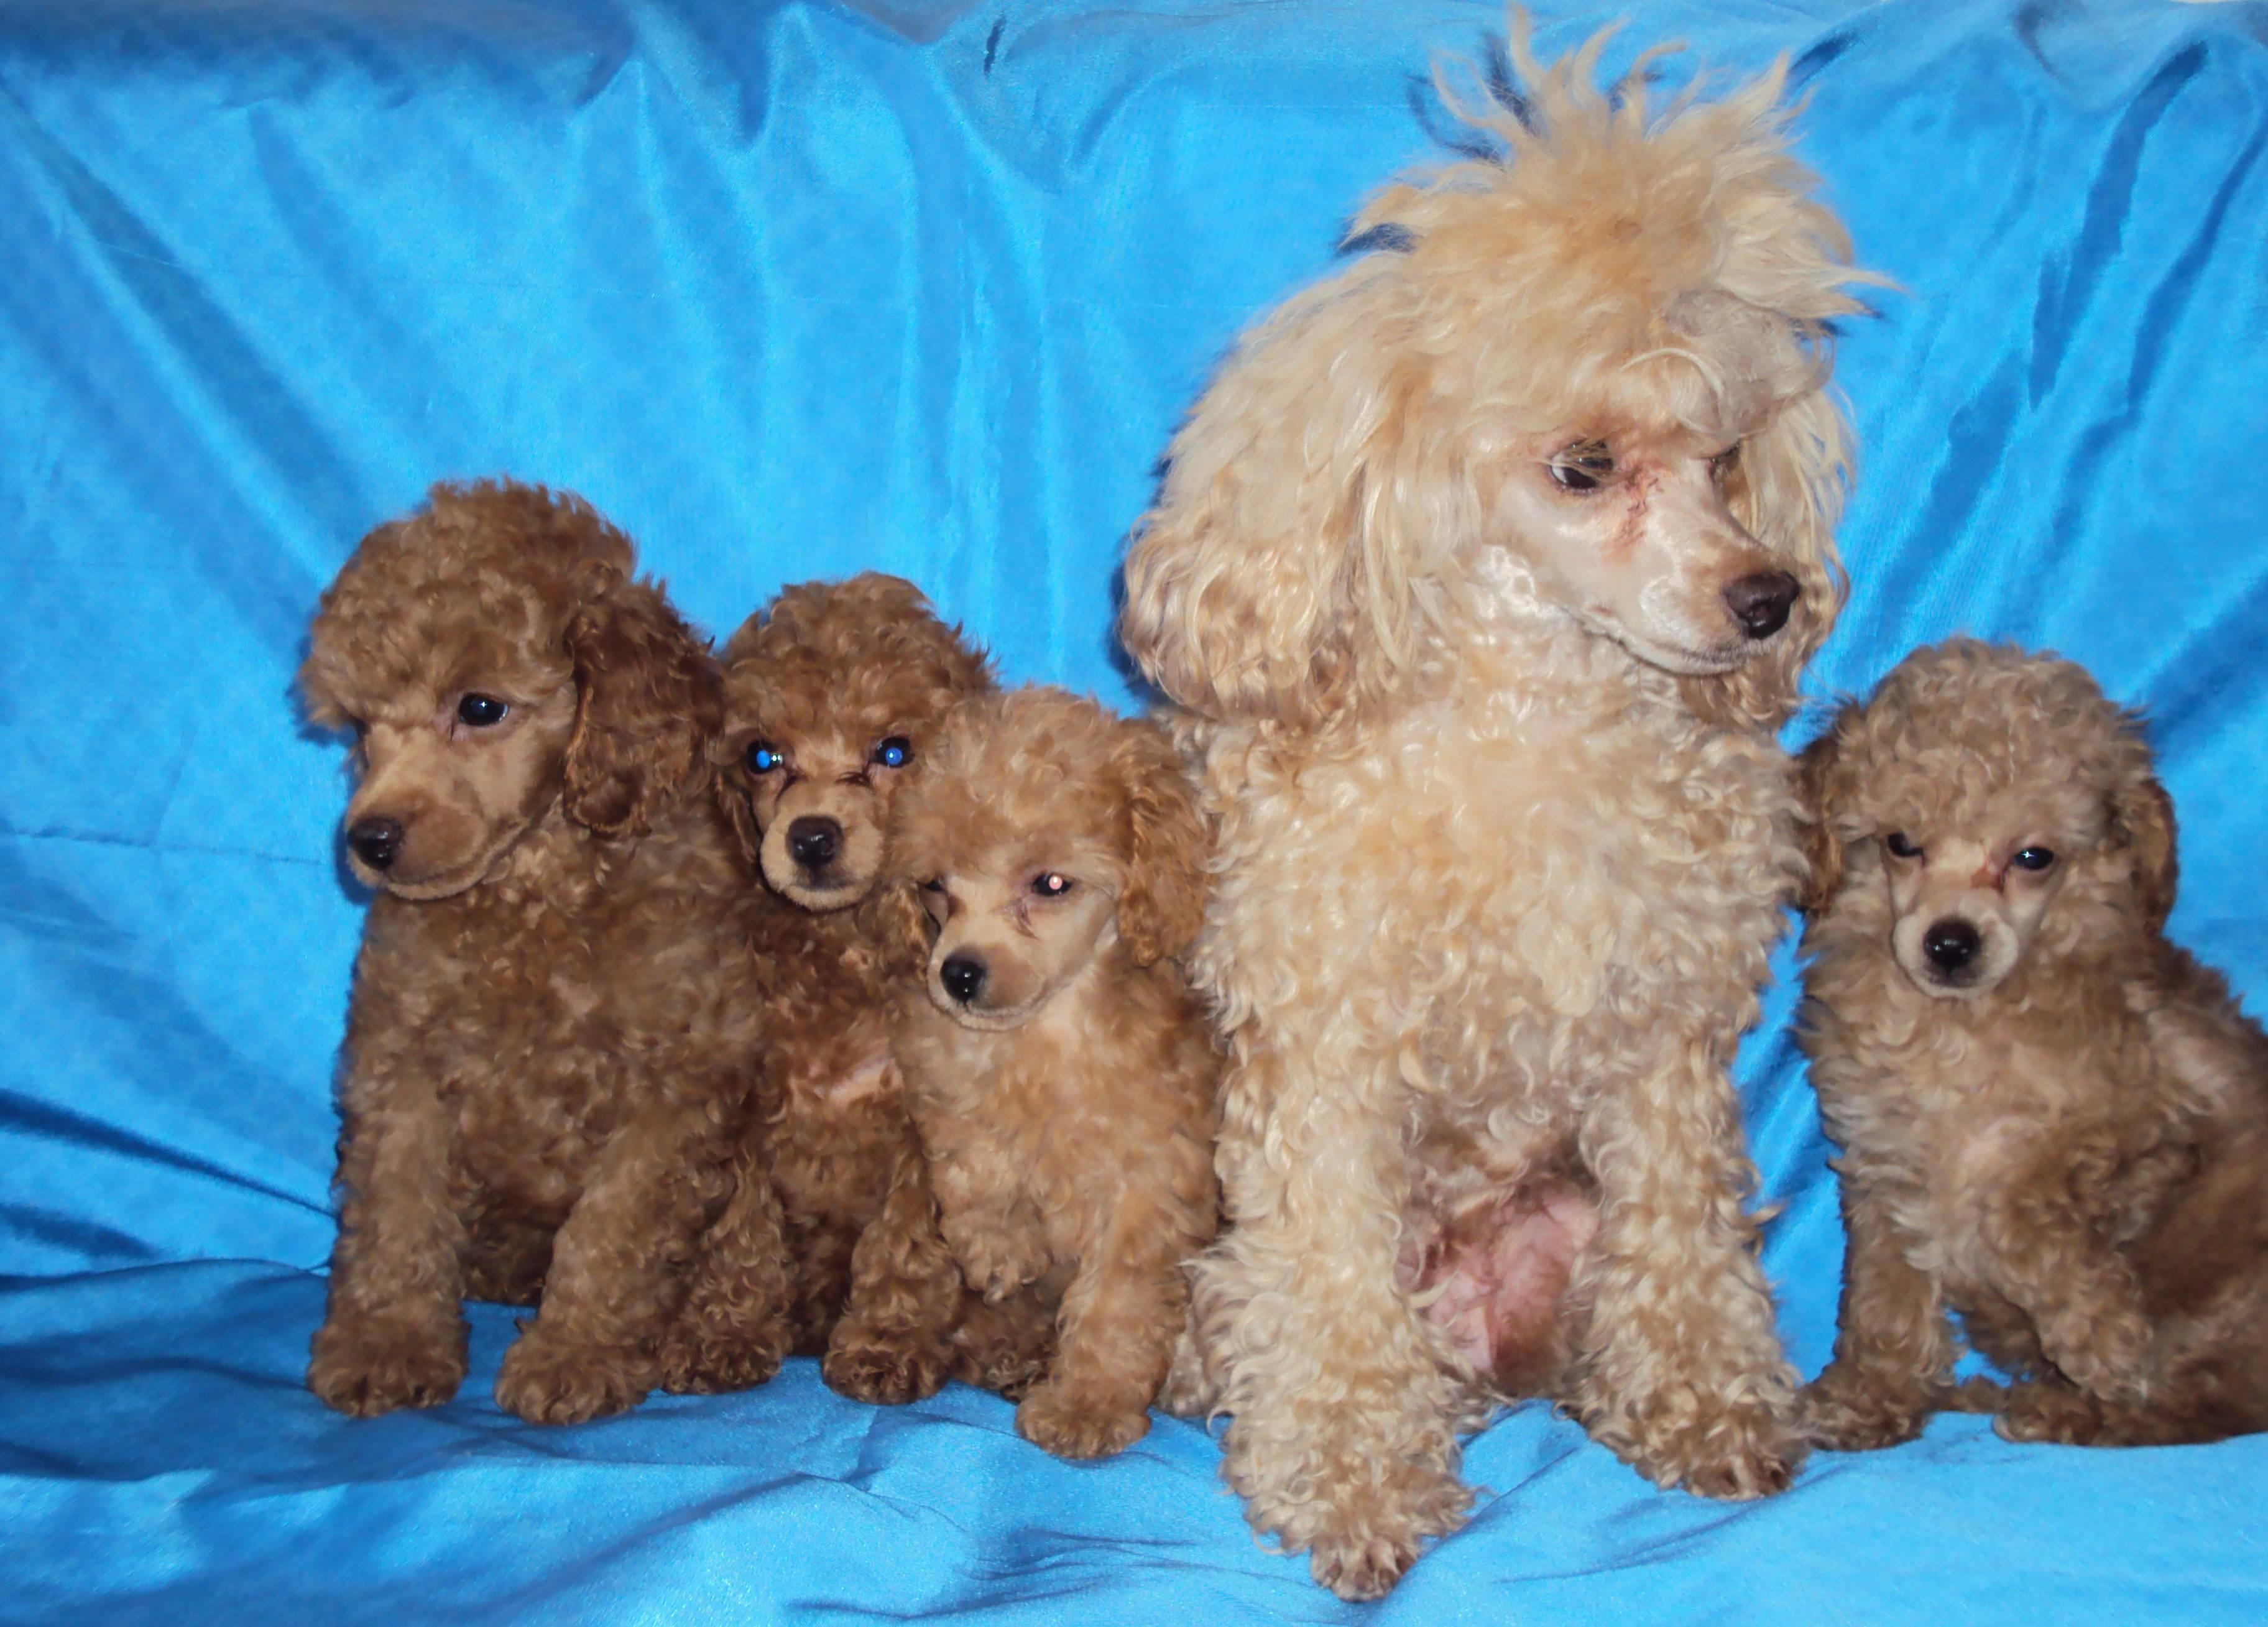 Маленькие пудели: породы самых крошечных собак и разница между ними. как они называются, чем той отличается от карликового и какую лучше завести?